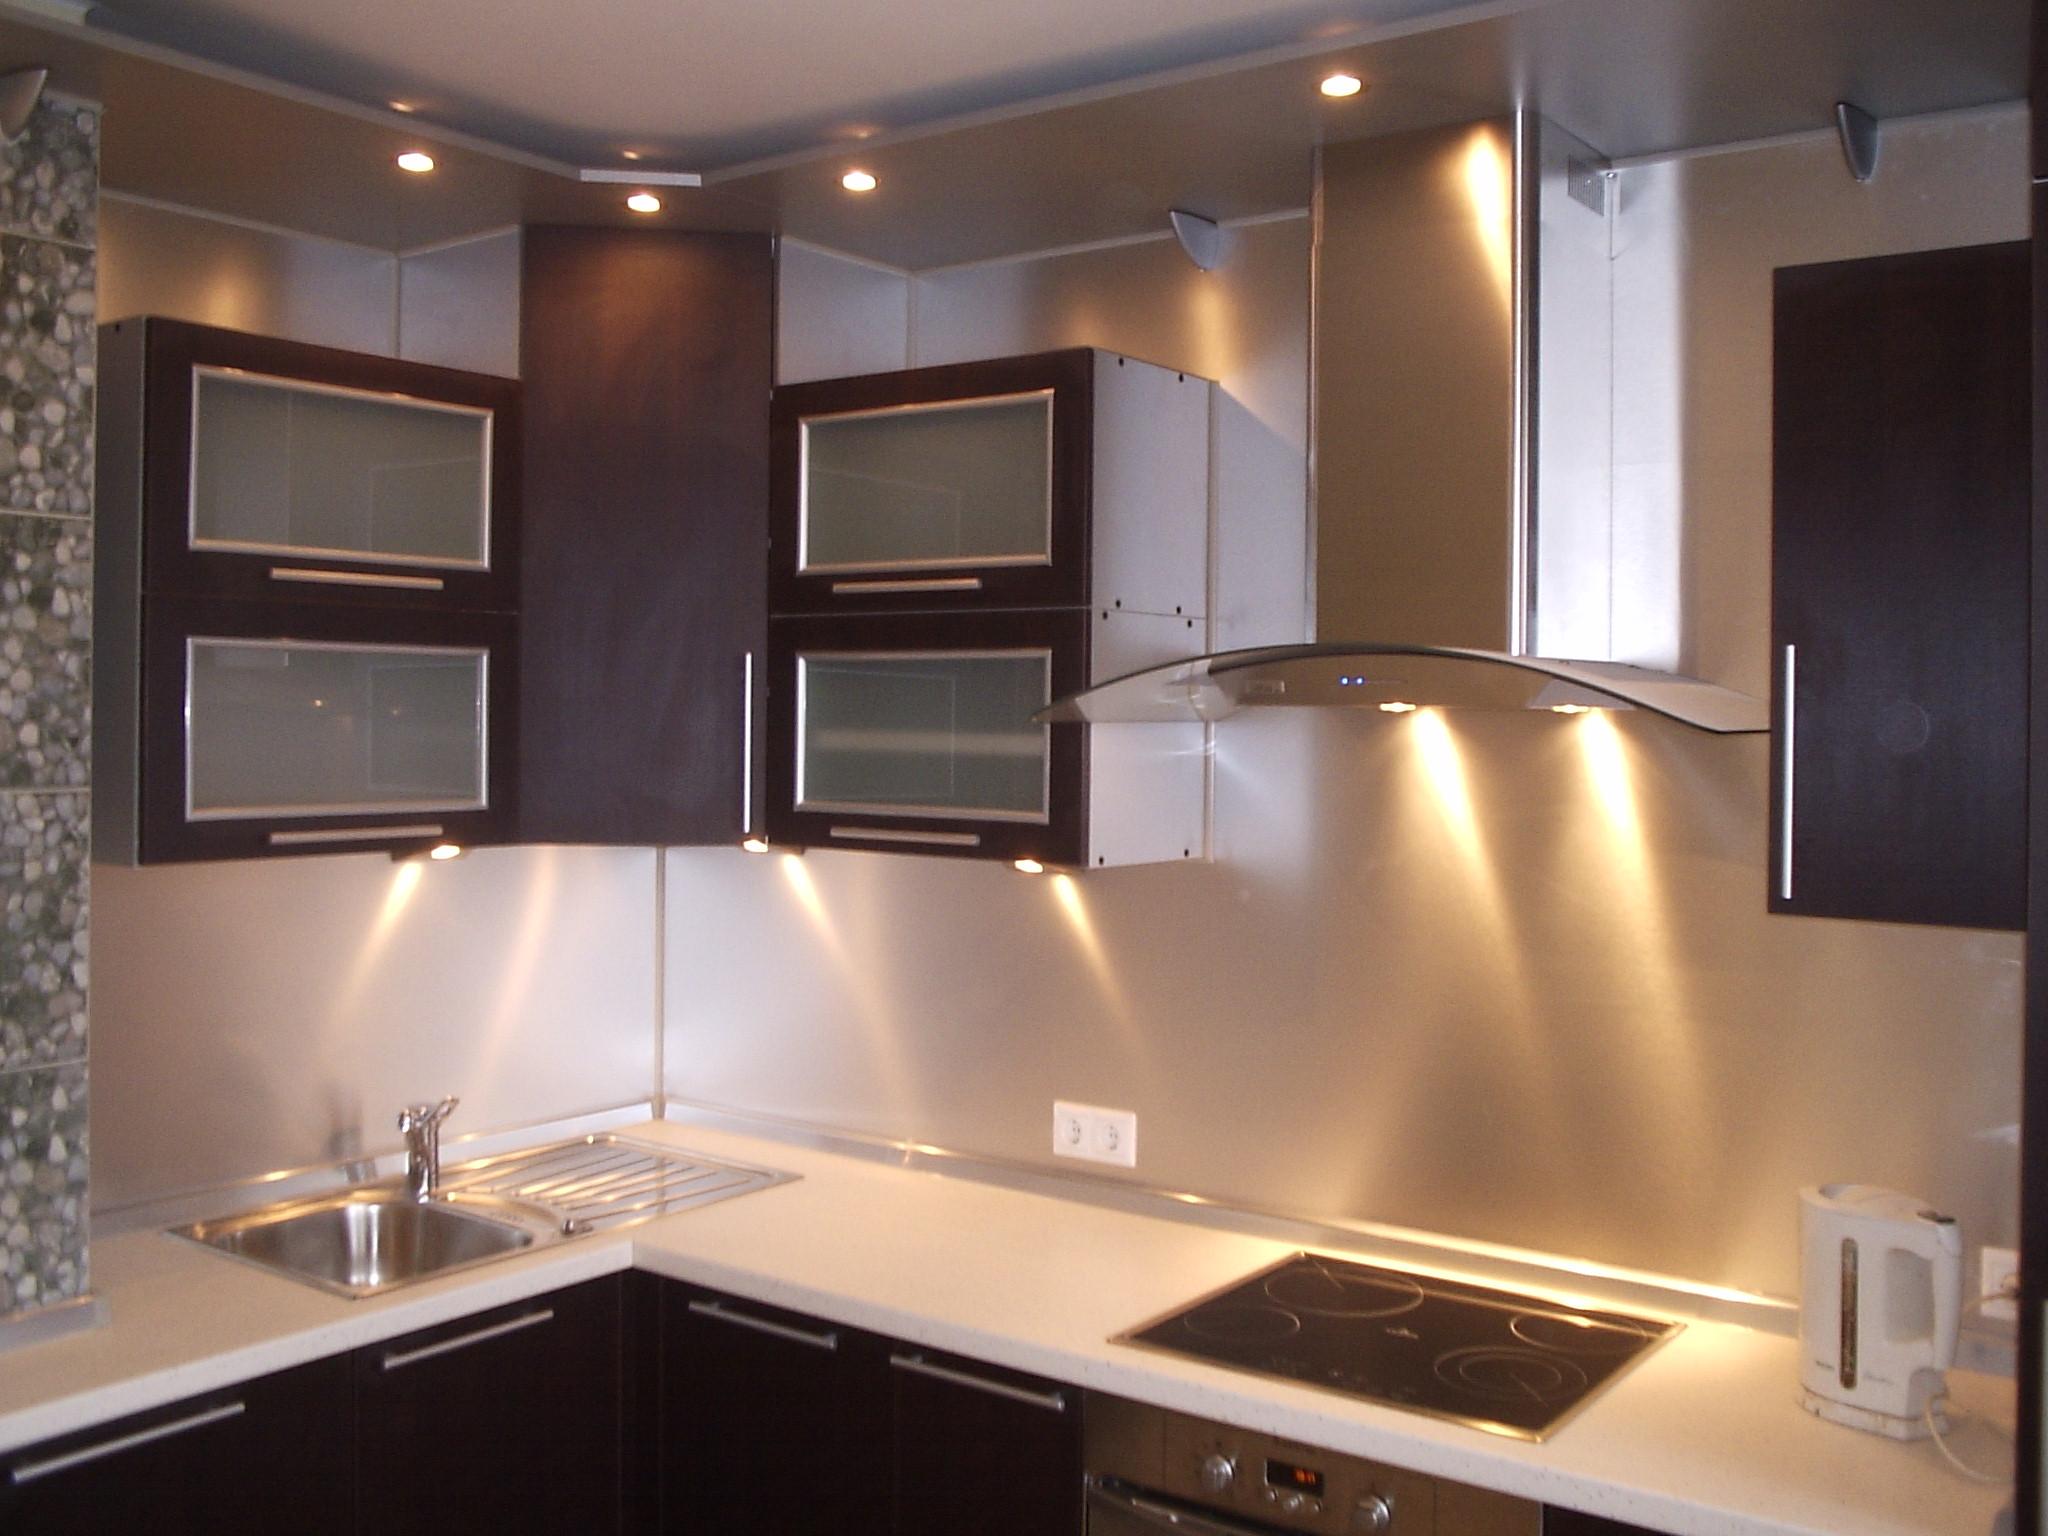 Подсветка для кухни (28 фото + цены)